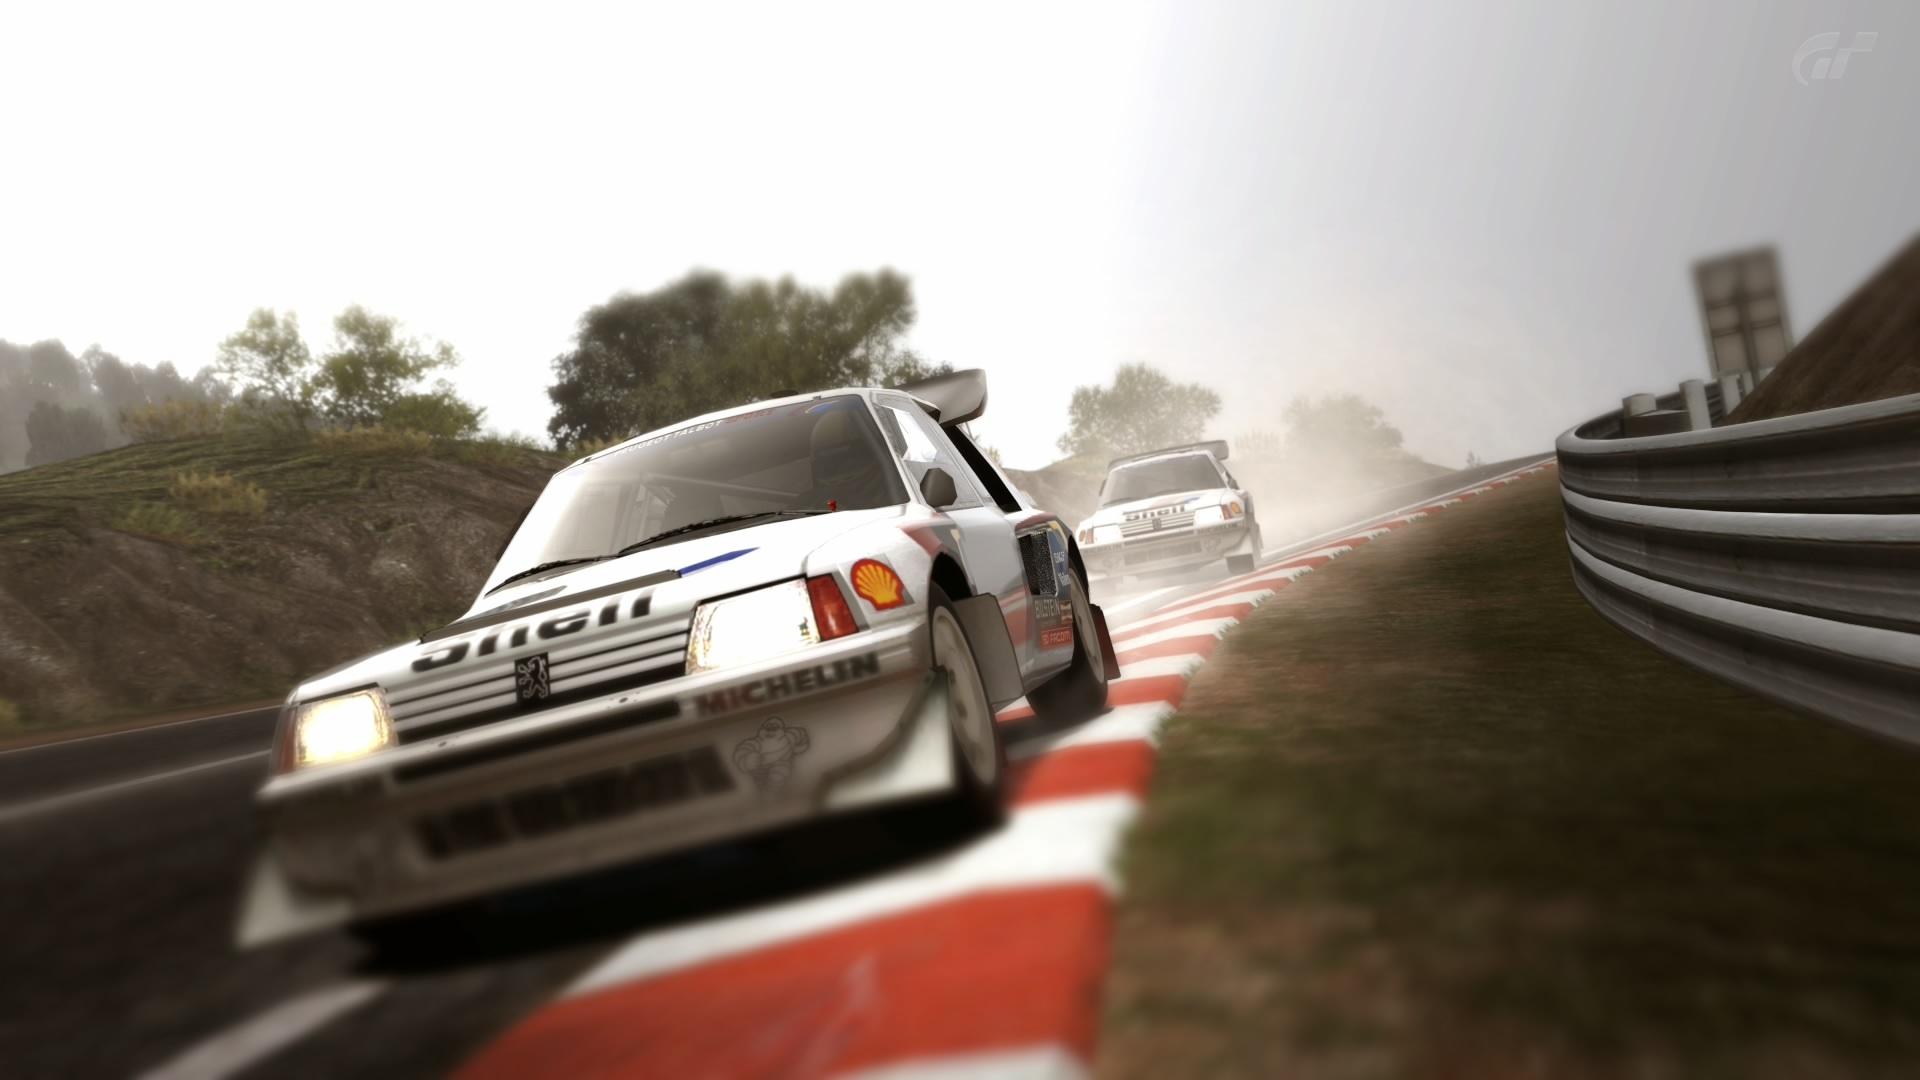 Neniko_18 se proclama campeón de la última Temporada de Gran Turismo 6 en CGC Foto2f10